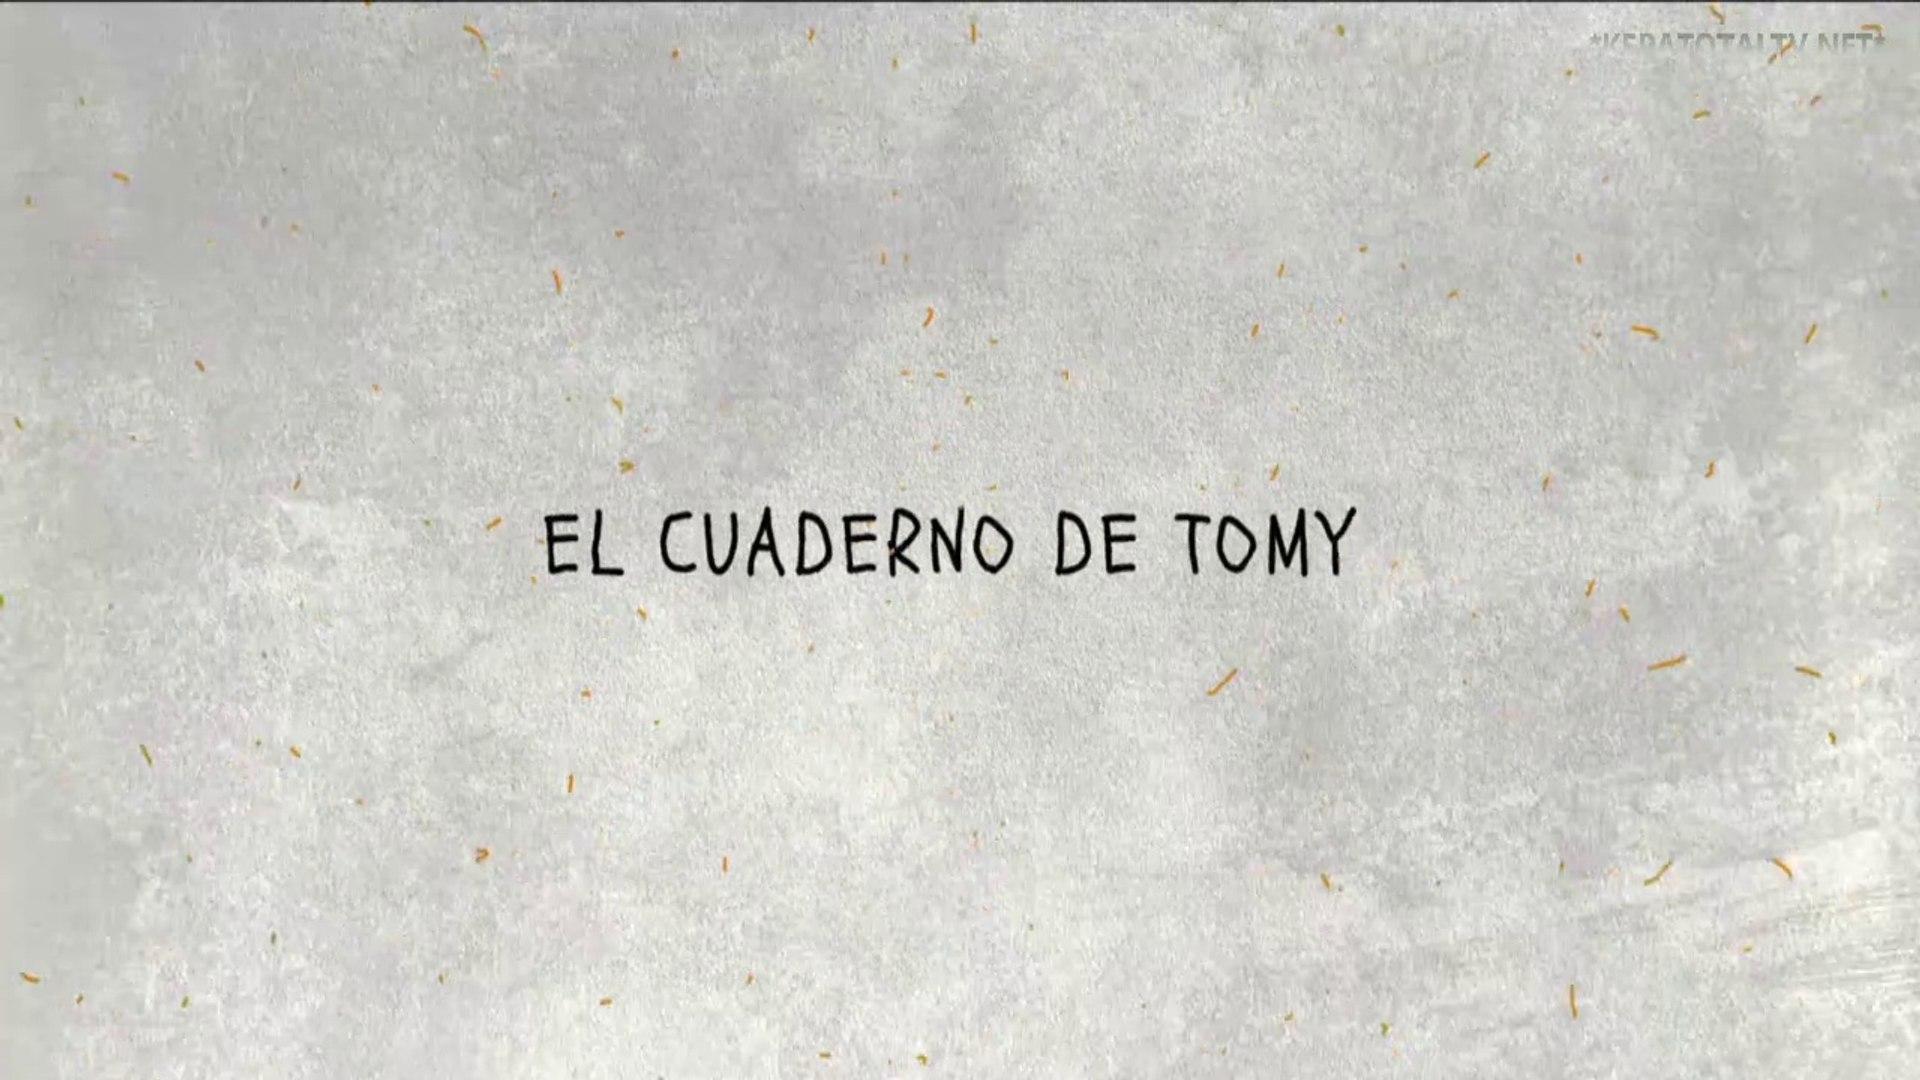 El Cuaderno De Tomy 2020 Trailer 2 Español Vídeo Dailymotion